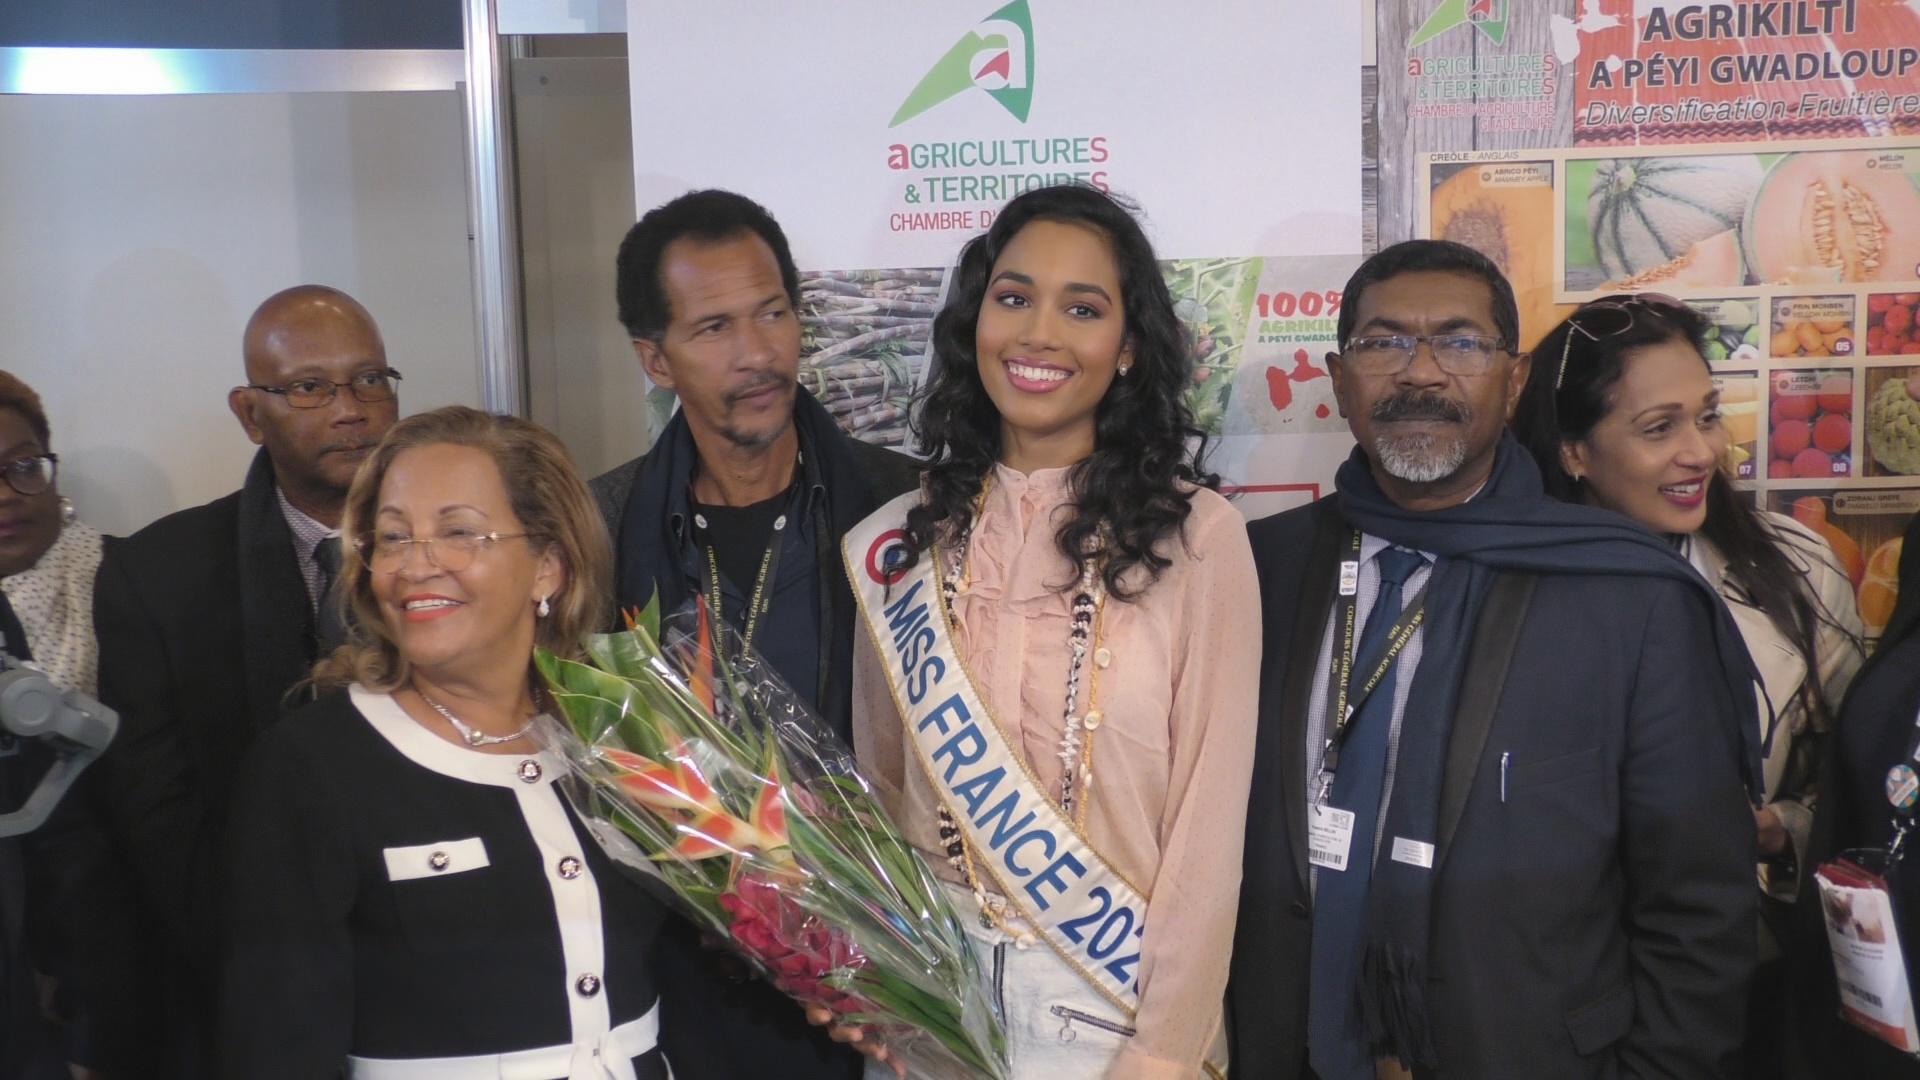 [Vidéo] Onews.Miss france 2020 sur le Stand Guadeloupe au Salon de l Agriculture